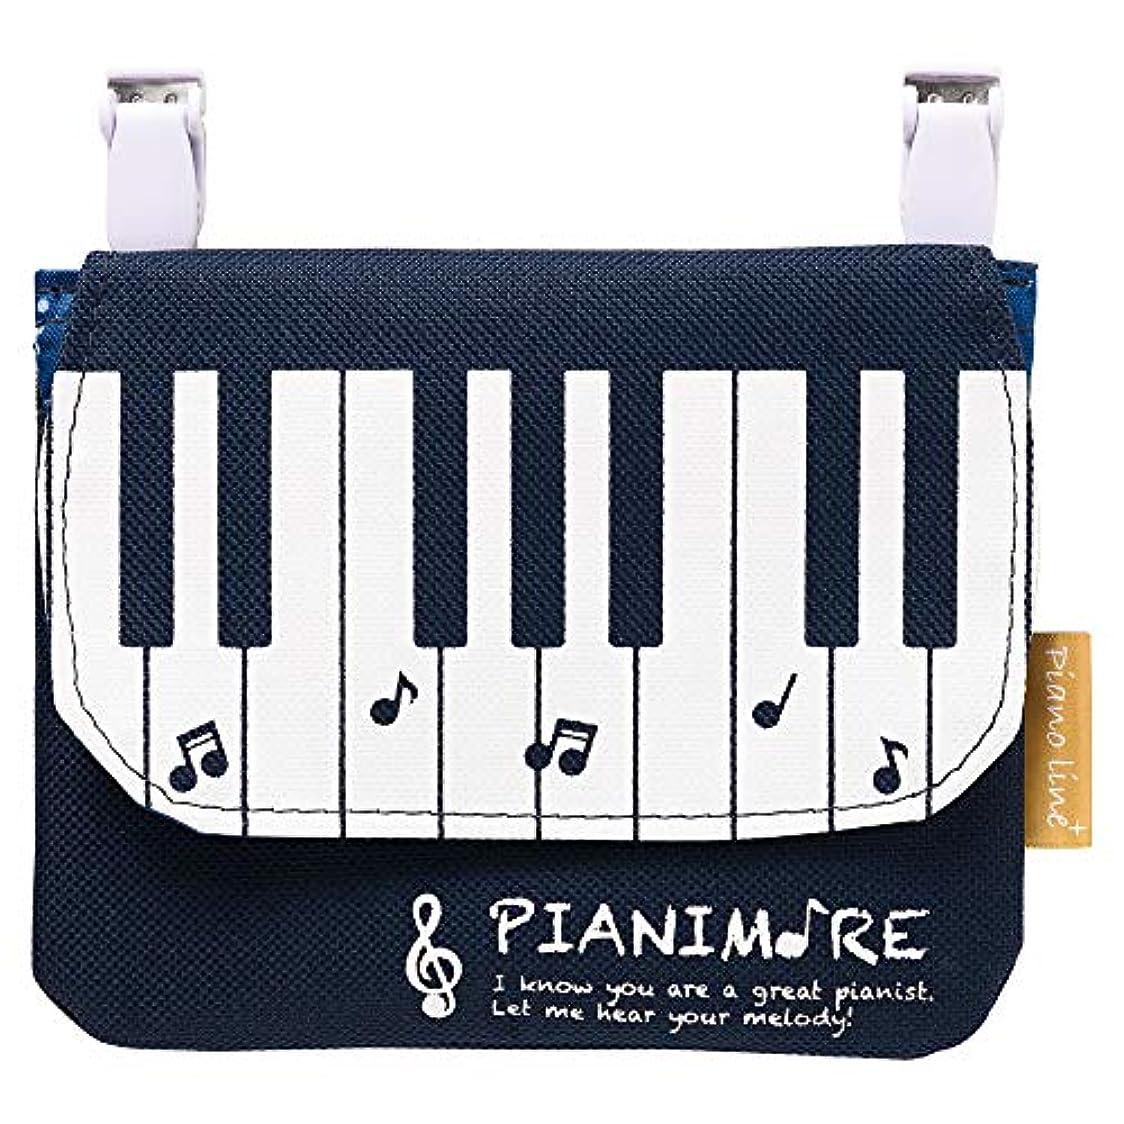 Pianimore ポケットポーチ 鍵盤柄 移動ポケット ティッシュ入れ付き 女の子用